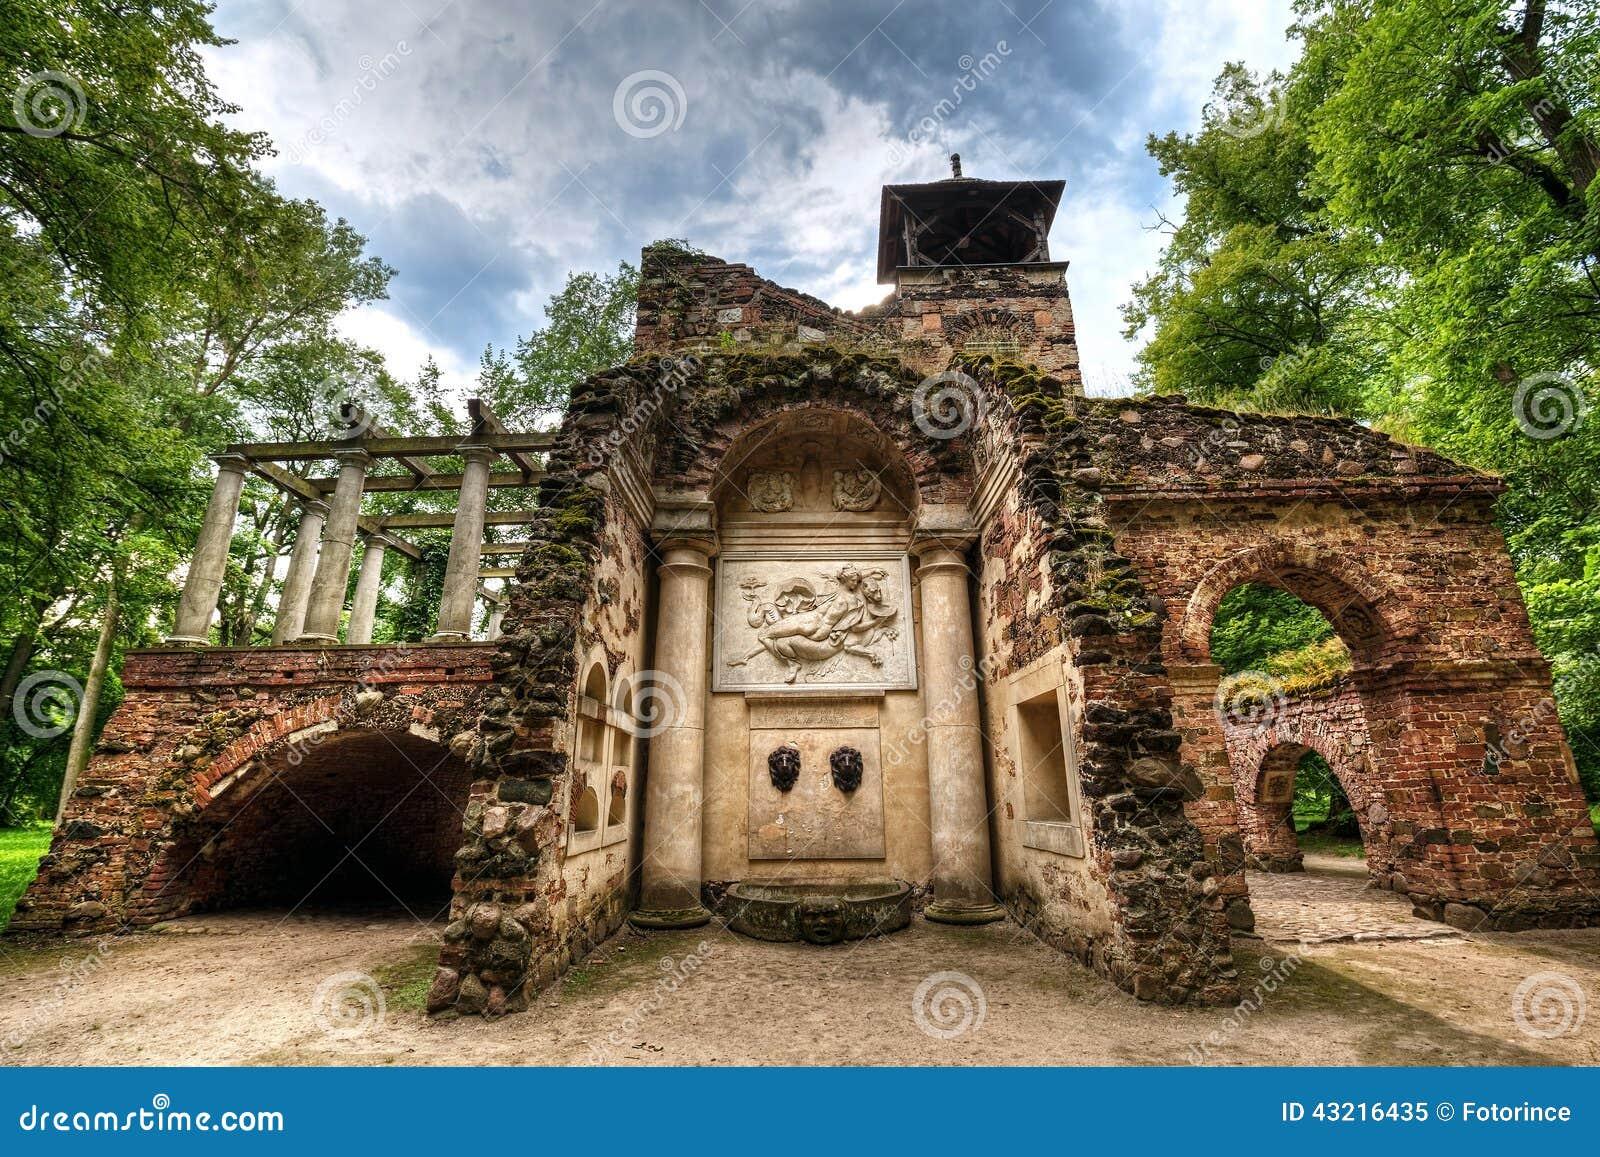 Gotisch huis van de hoge priester in het park arcadia nieborow stock afbeelding afbeelding - Huis van het wereldkantoor newport ...